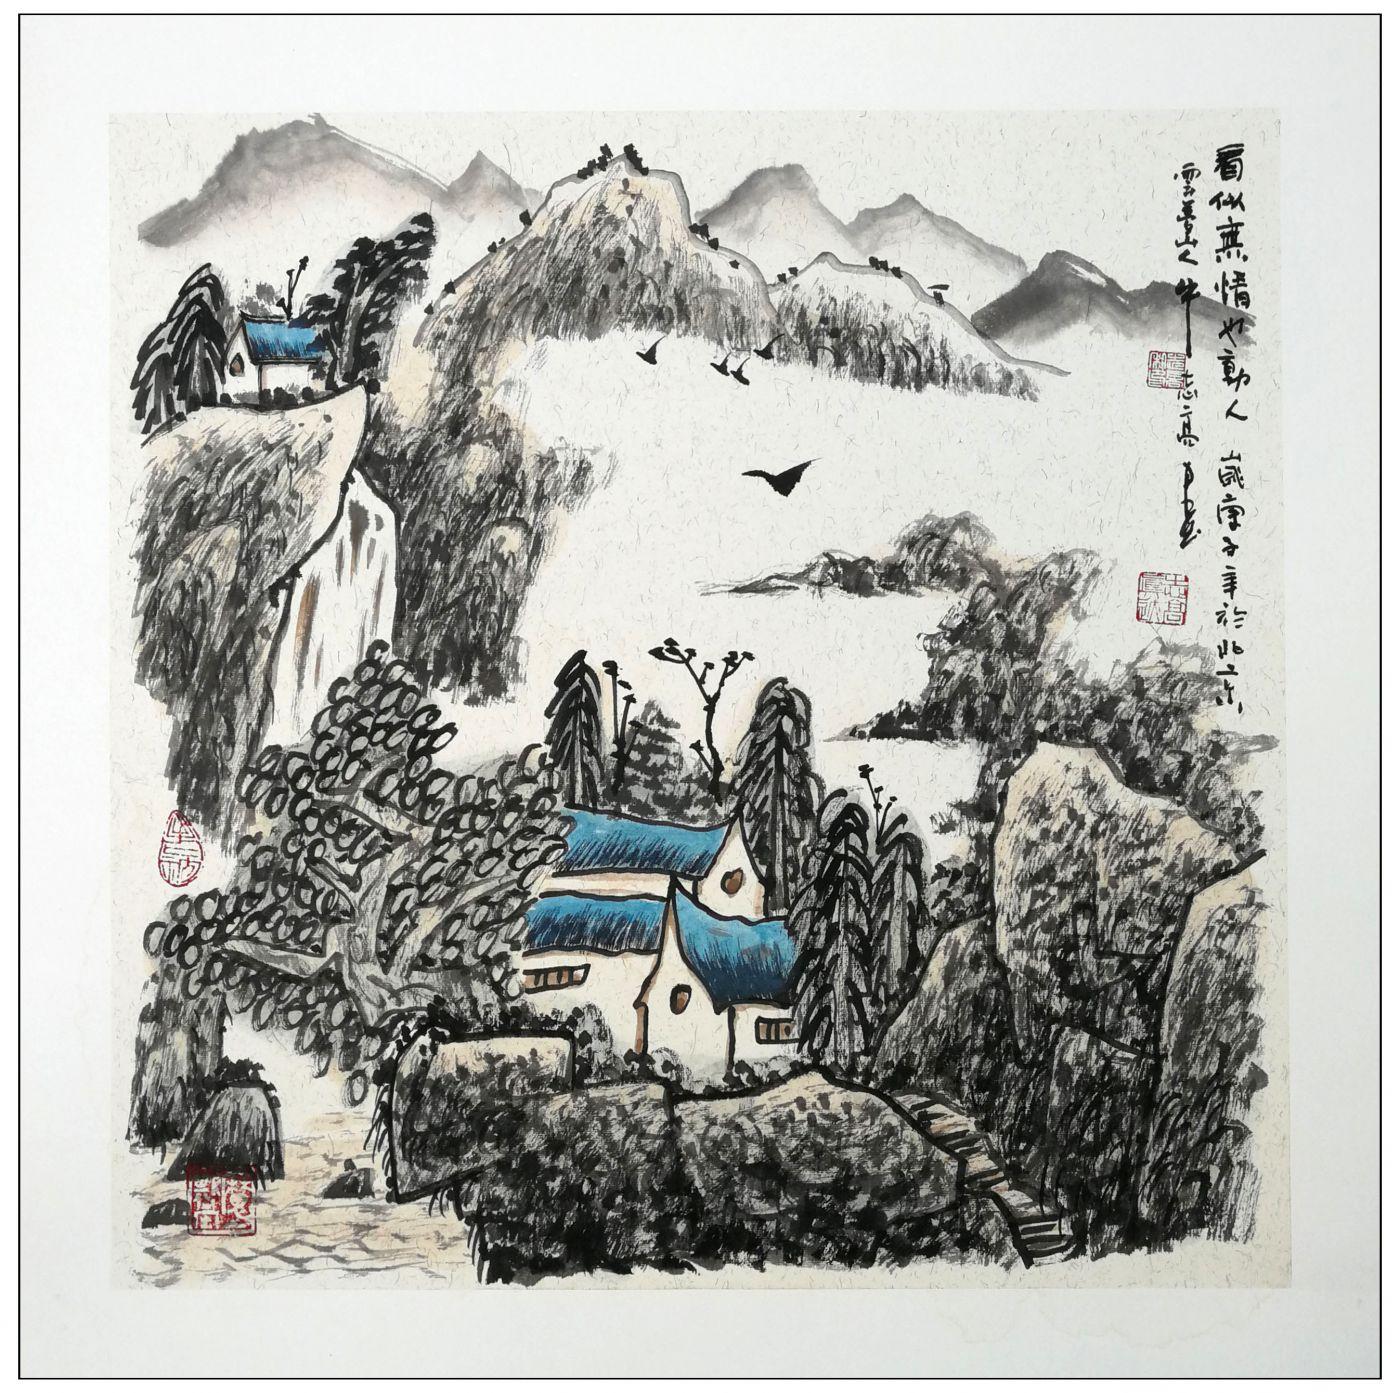 牛志高2020山水画新作-----2020.07.05_图1-9